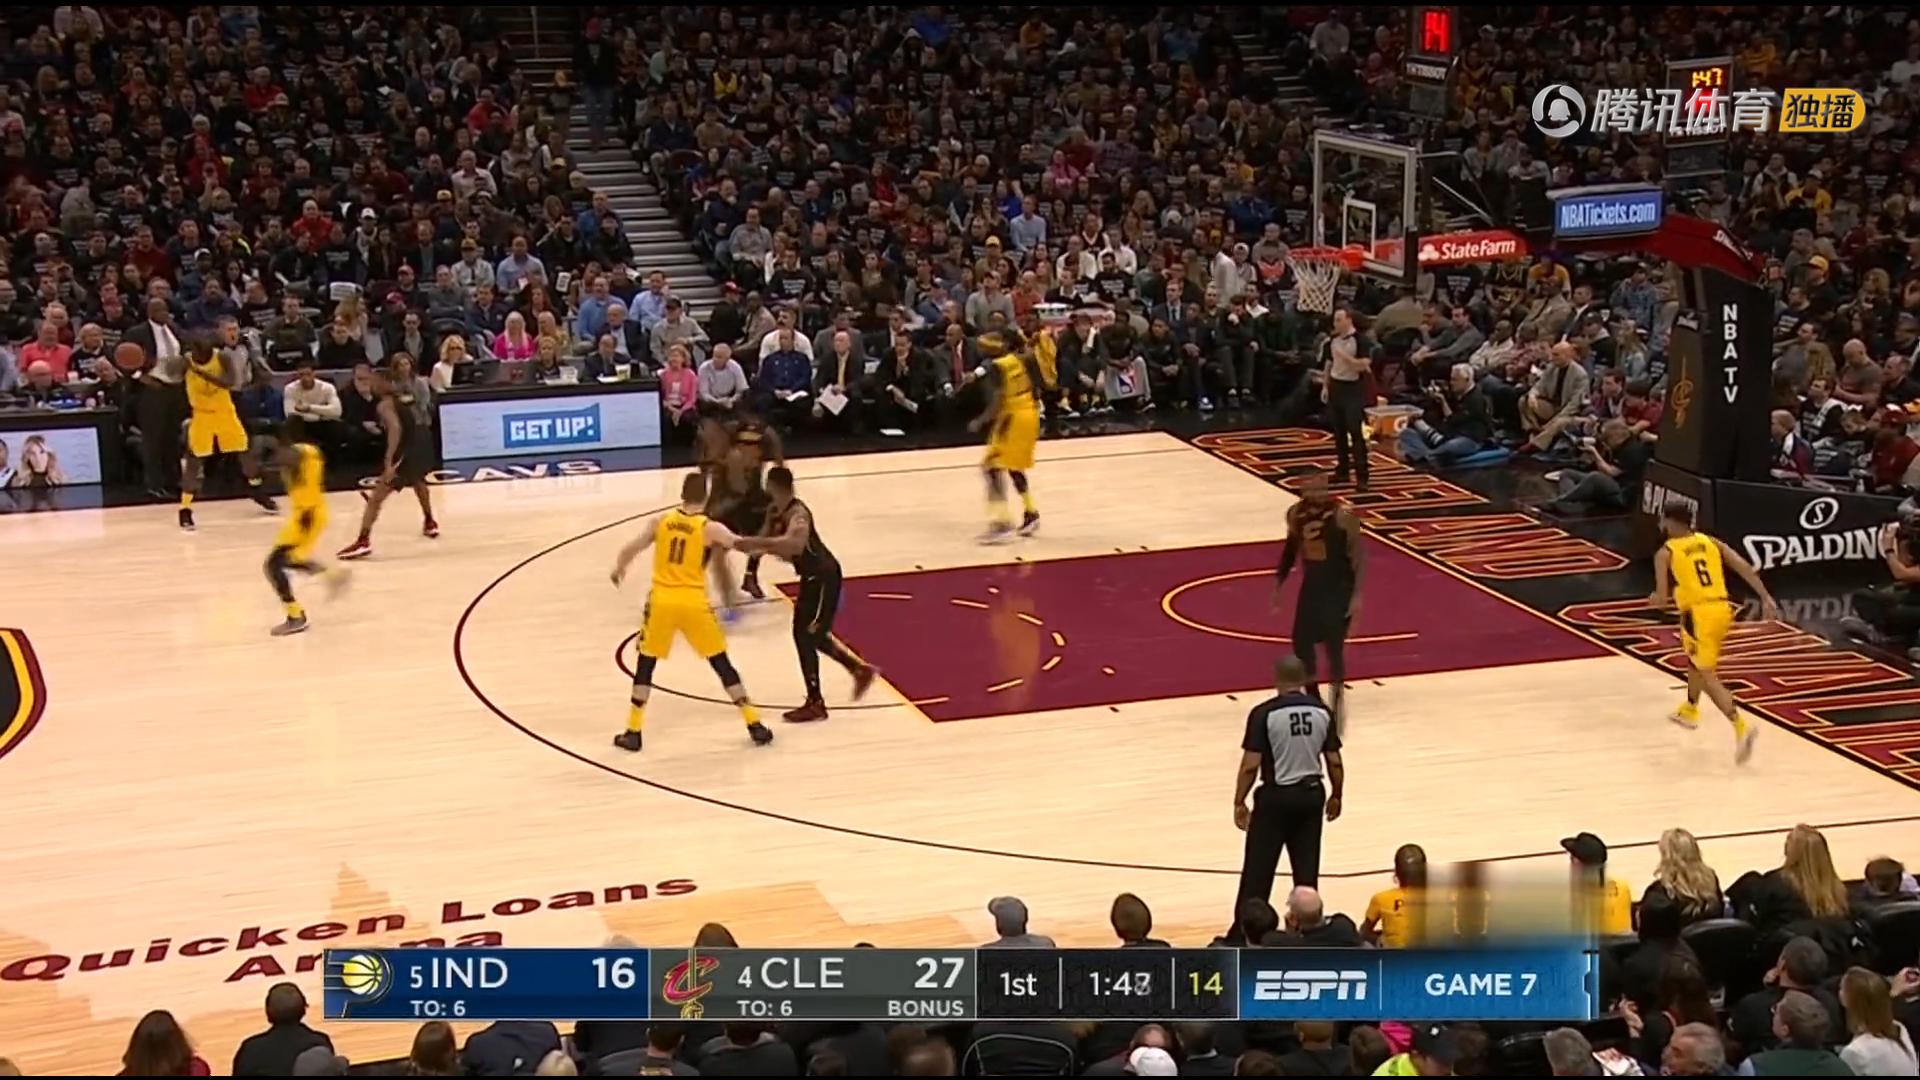 2018年4月30日 NBA季后赛东部首轮 骑士VS步行者 第七场全场高清录像回放-麦豆网